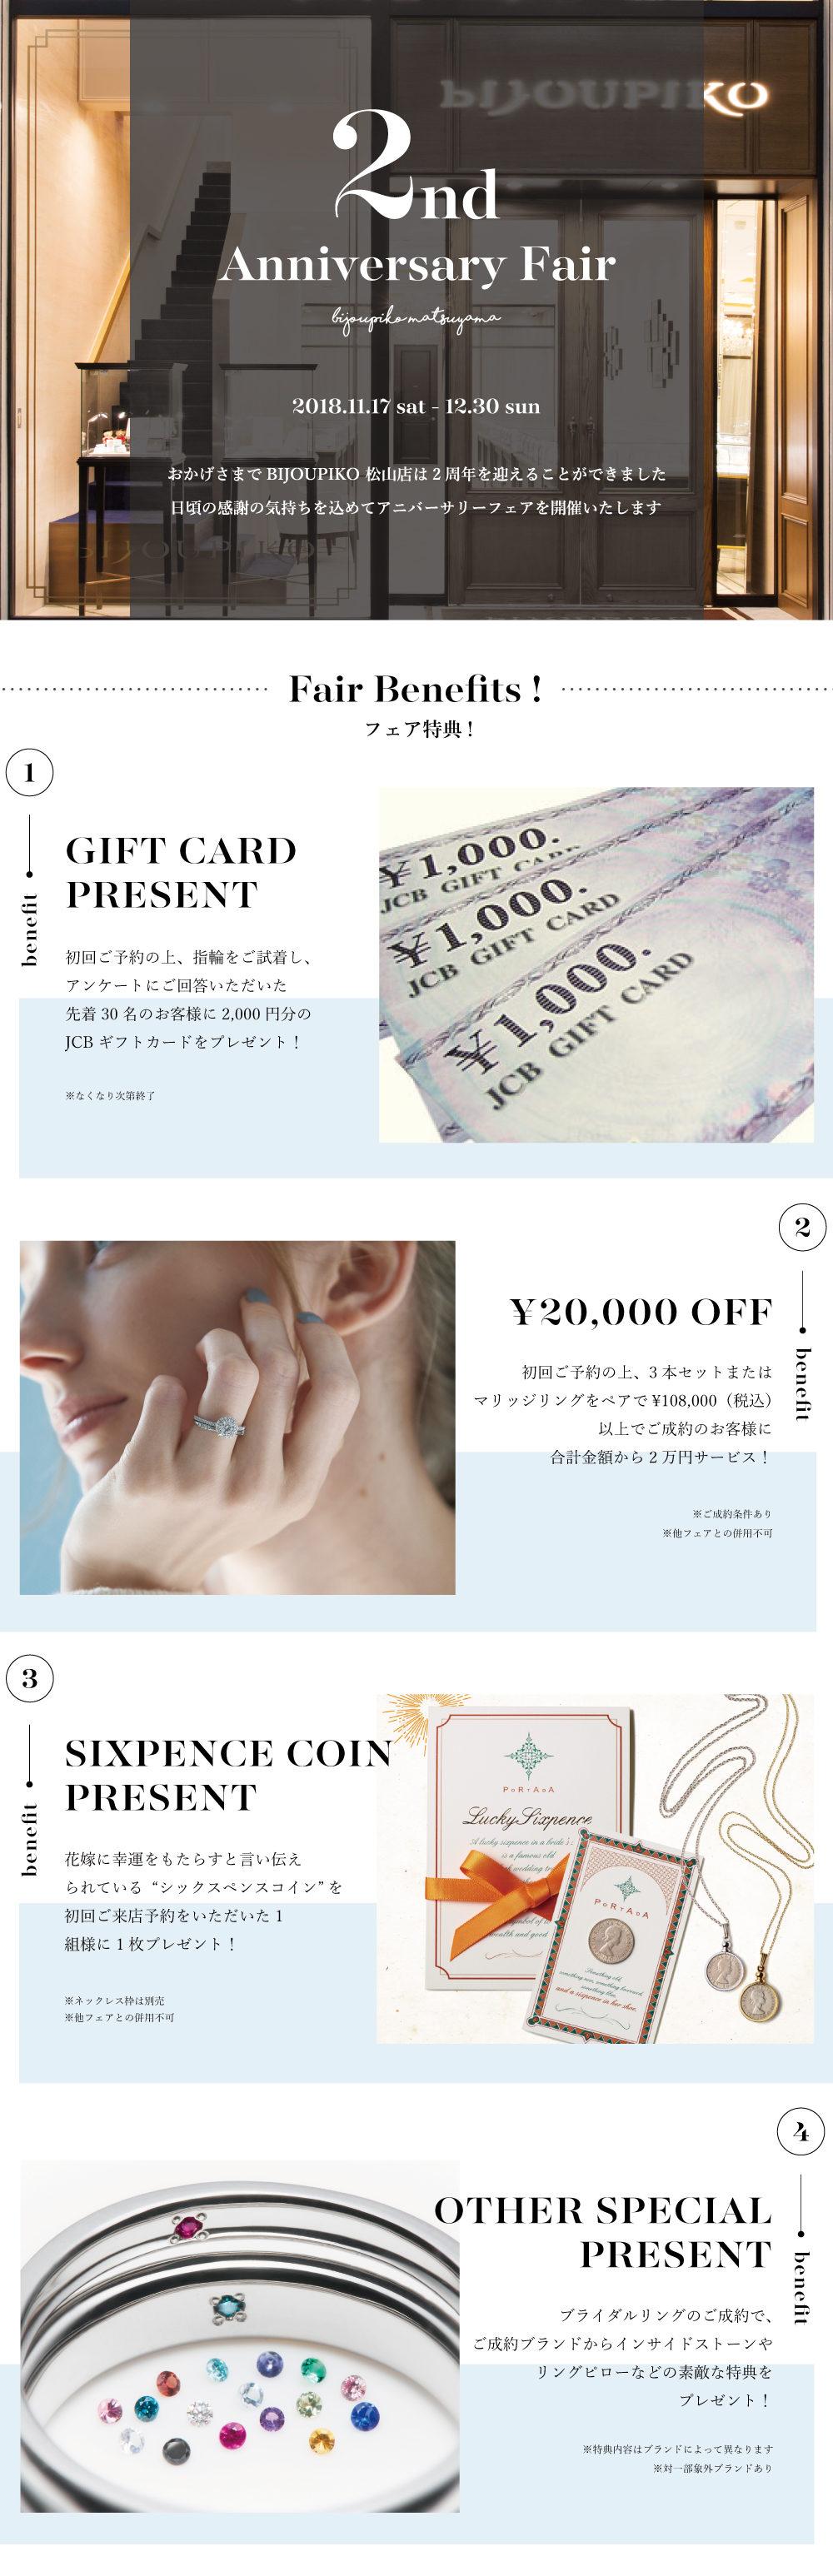 181109_matsuyama2_fair_pc